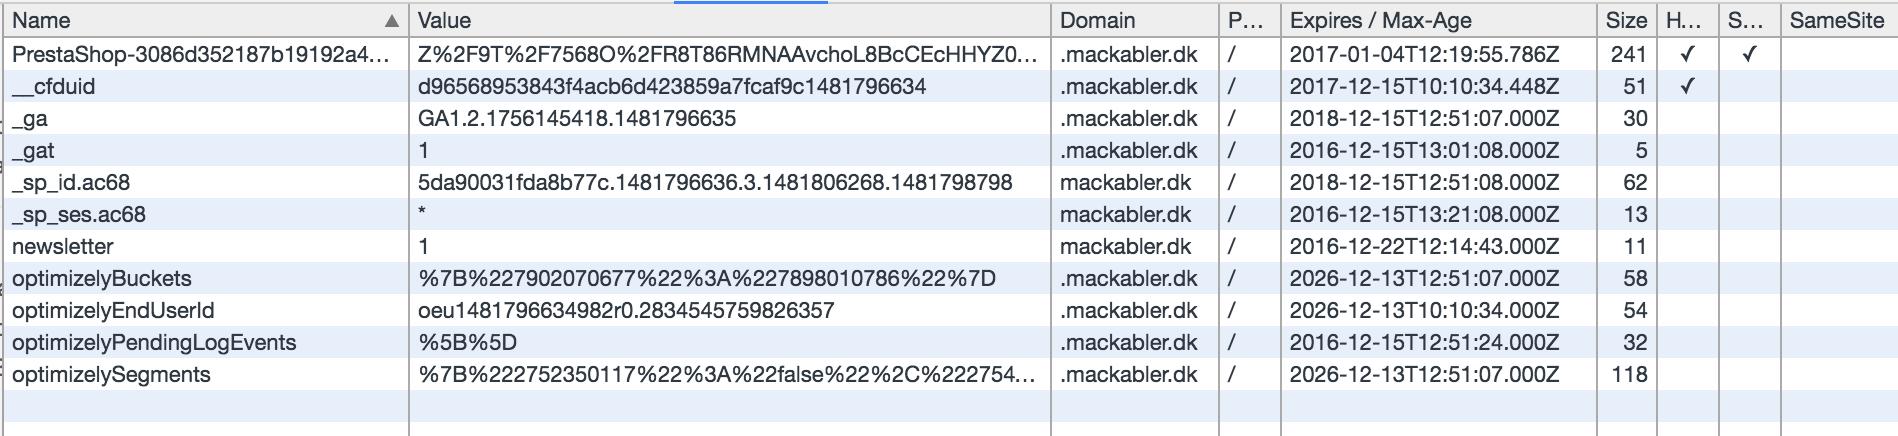 Beskyttelse af personlige oplysninger og cookies - Mackabler